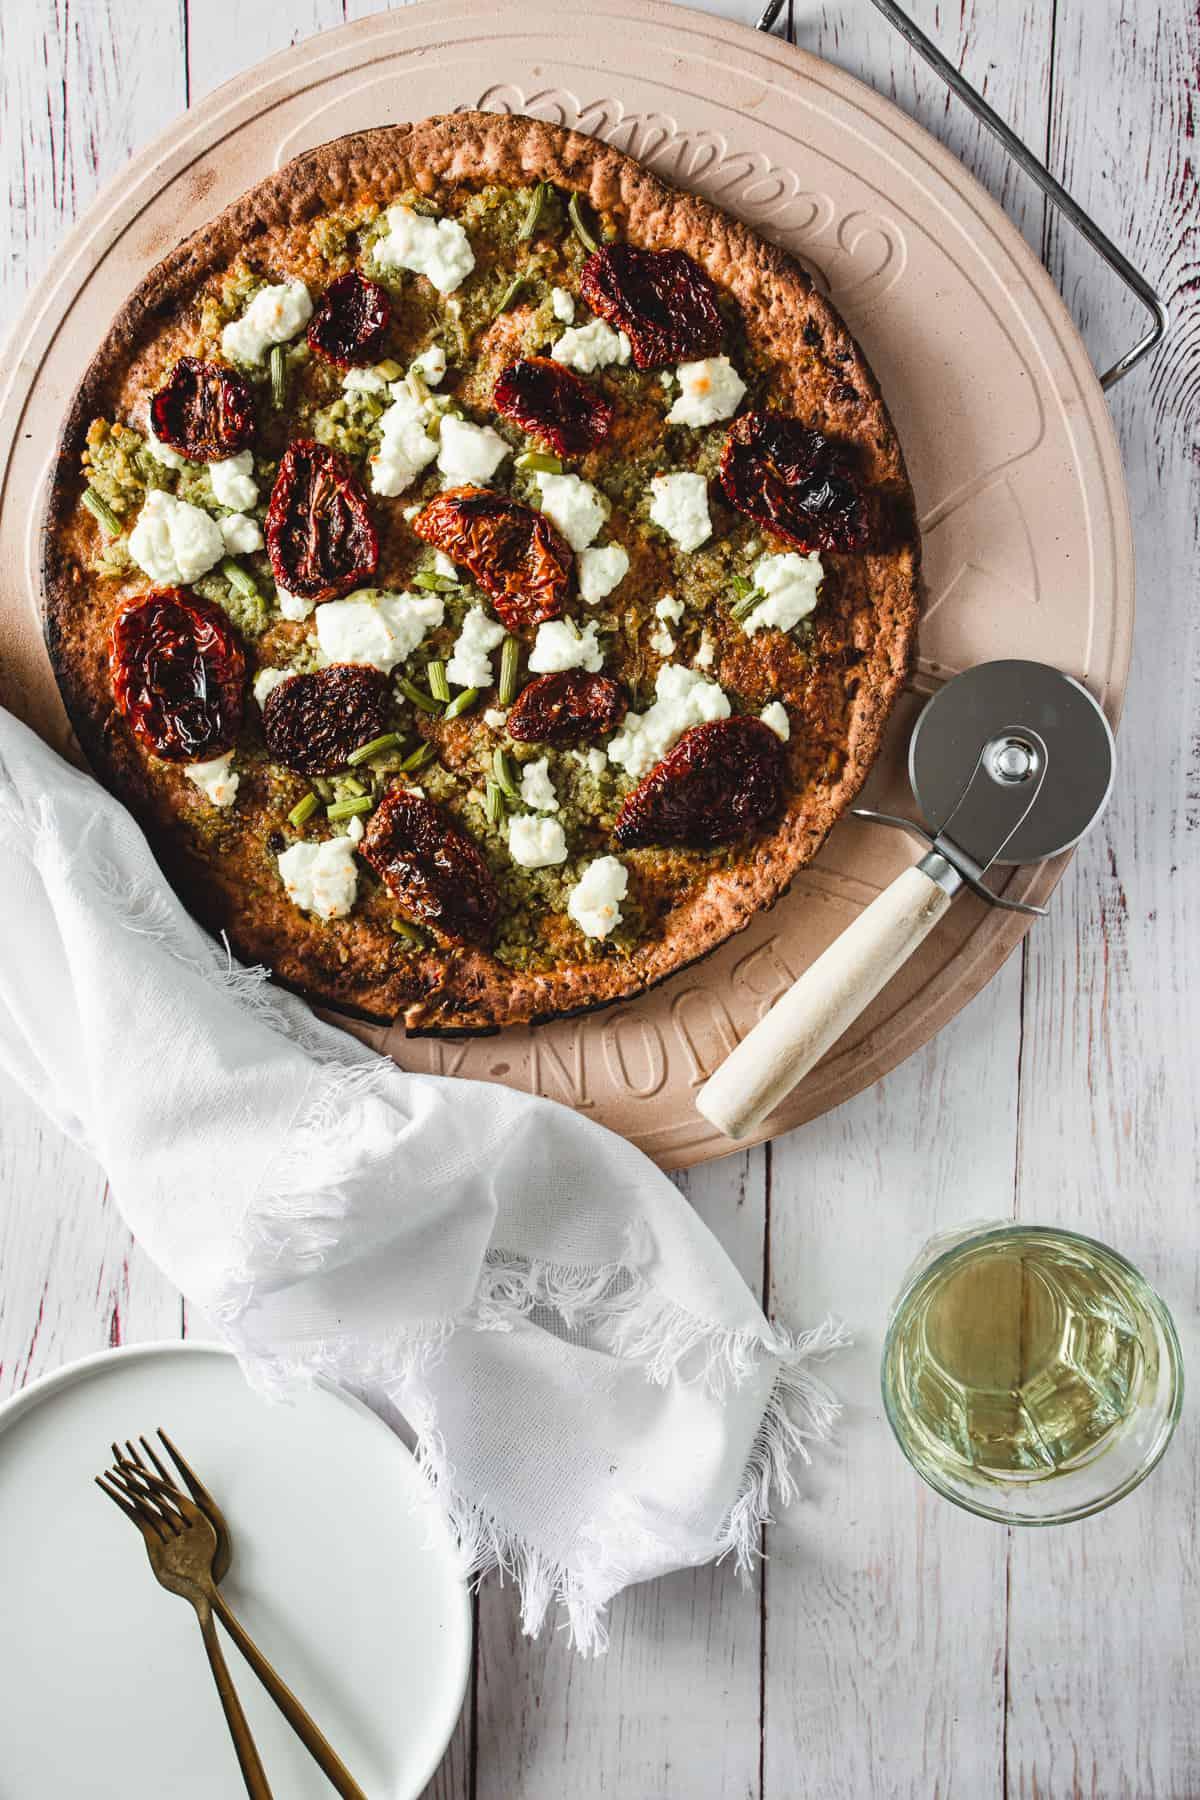 Garlic scape pesto pizza on table